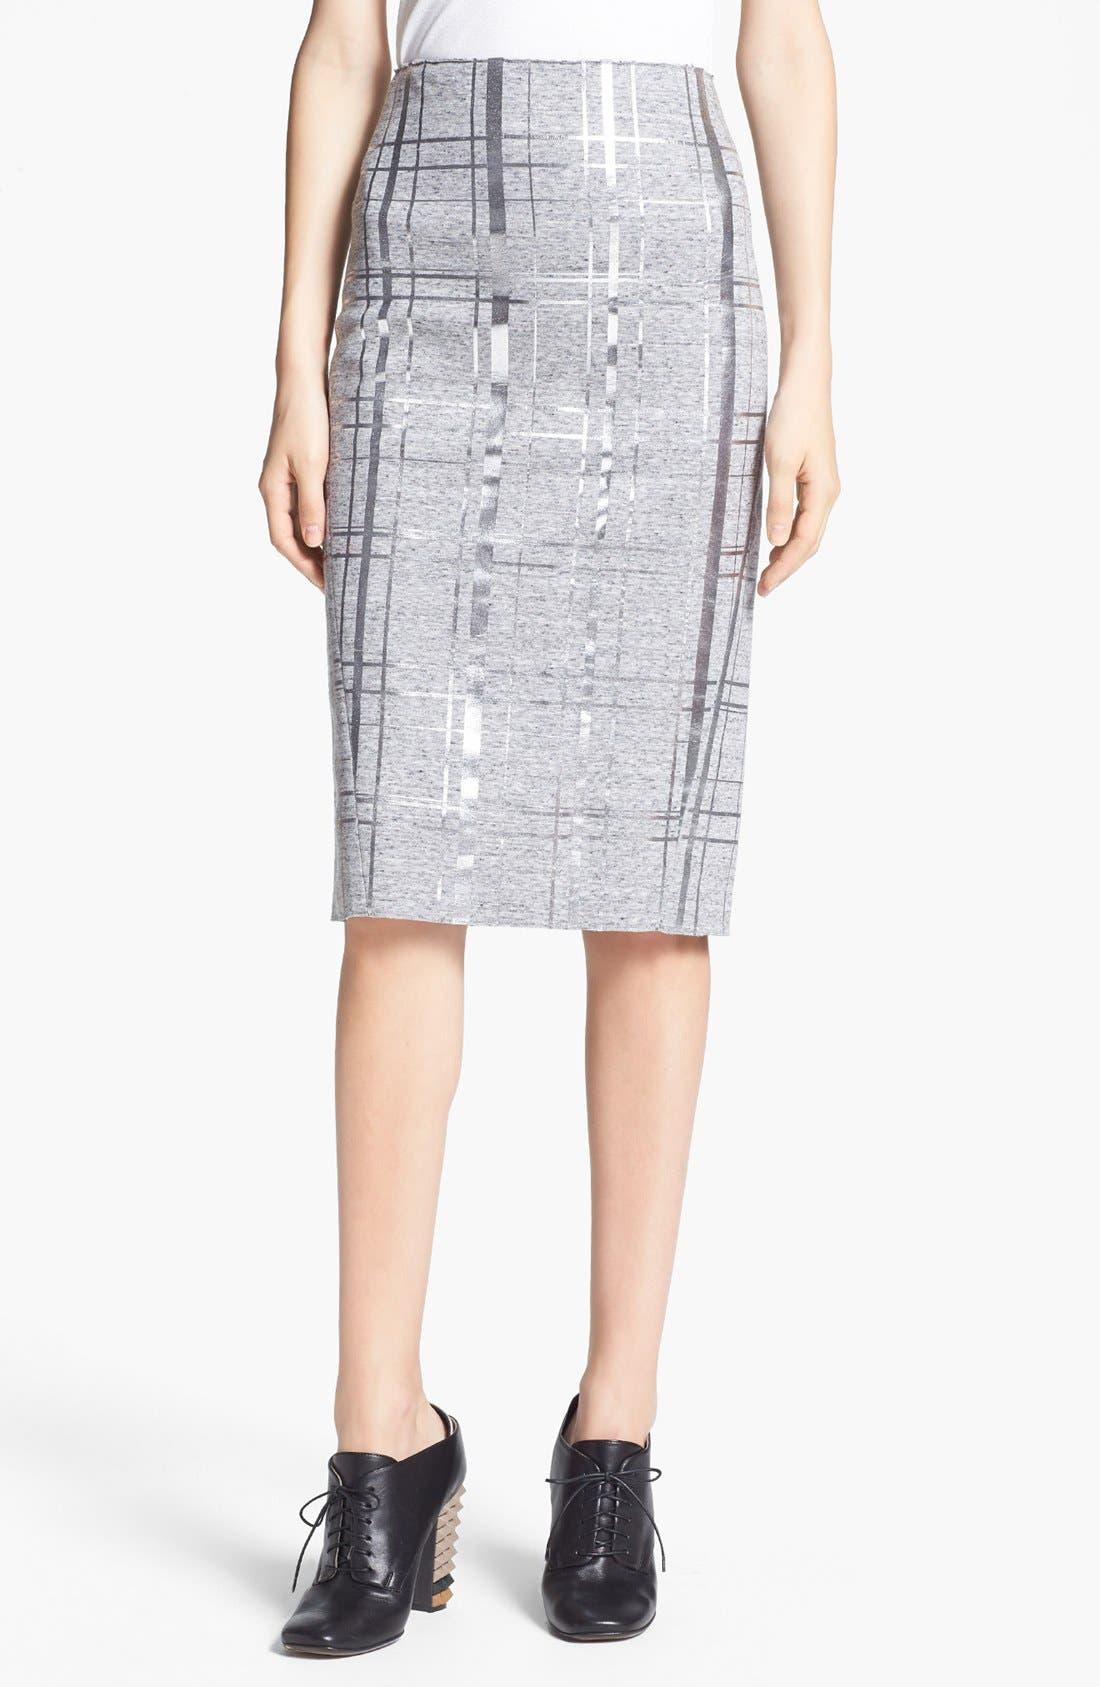 Alternate Image 1  - Elizabeth and James 'Layla' Foiled Pencil Skirt